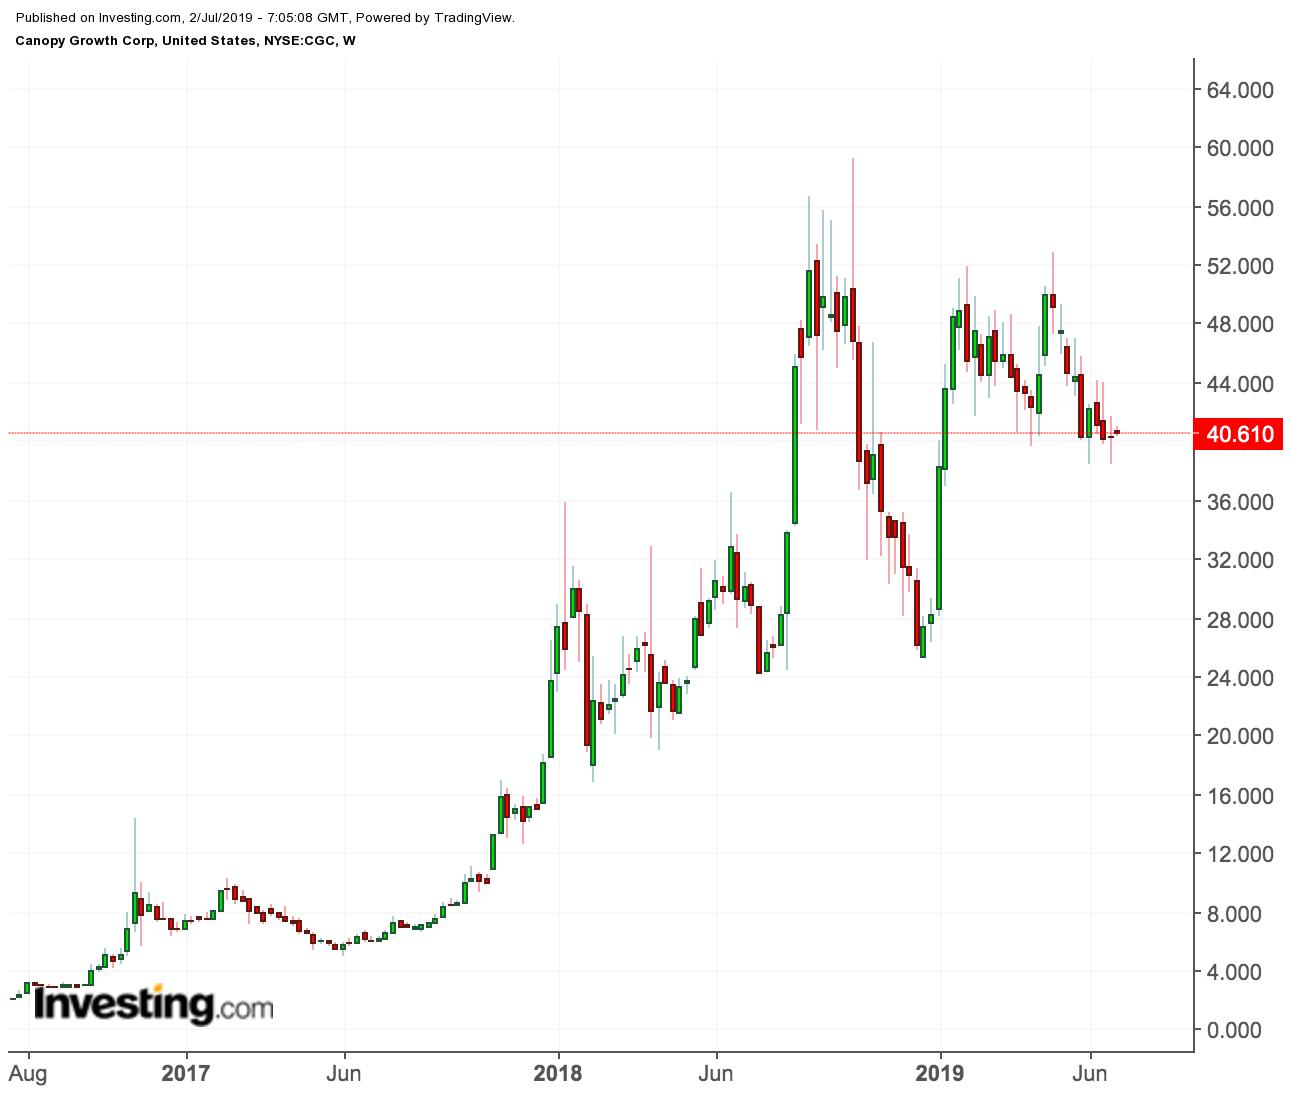 Gráfico Preço Canopy Growth